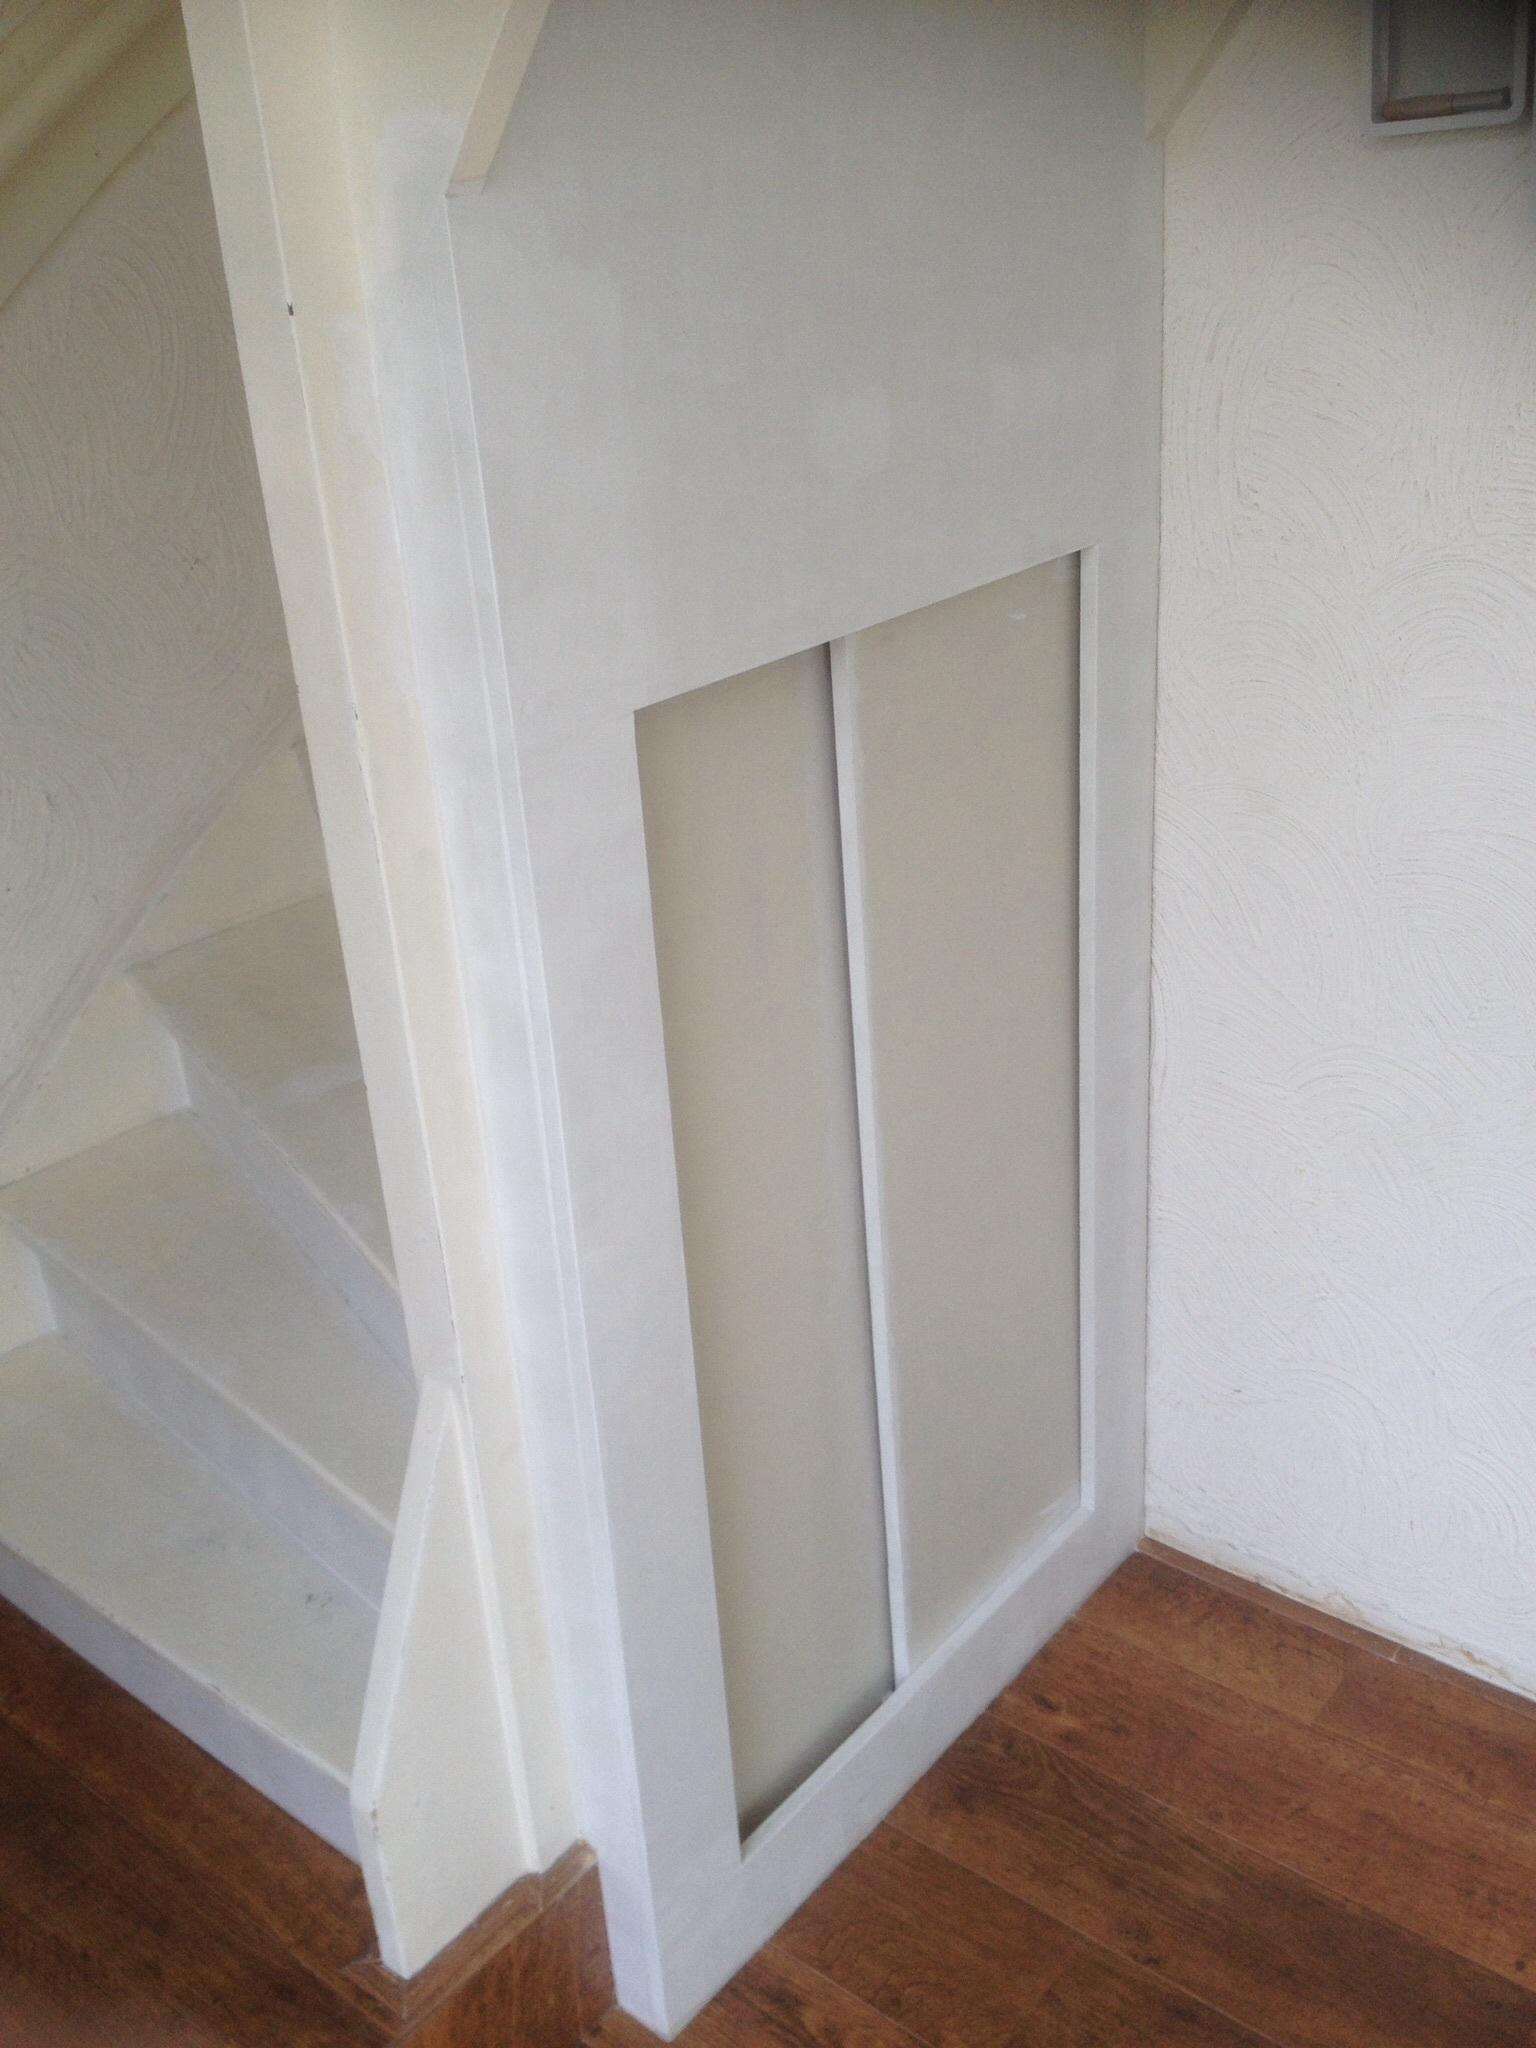 Trap dichtmaken met kastje eronder  voordemakersnl